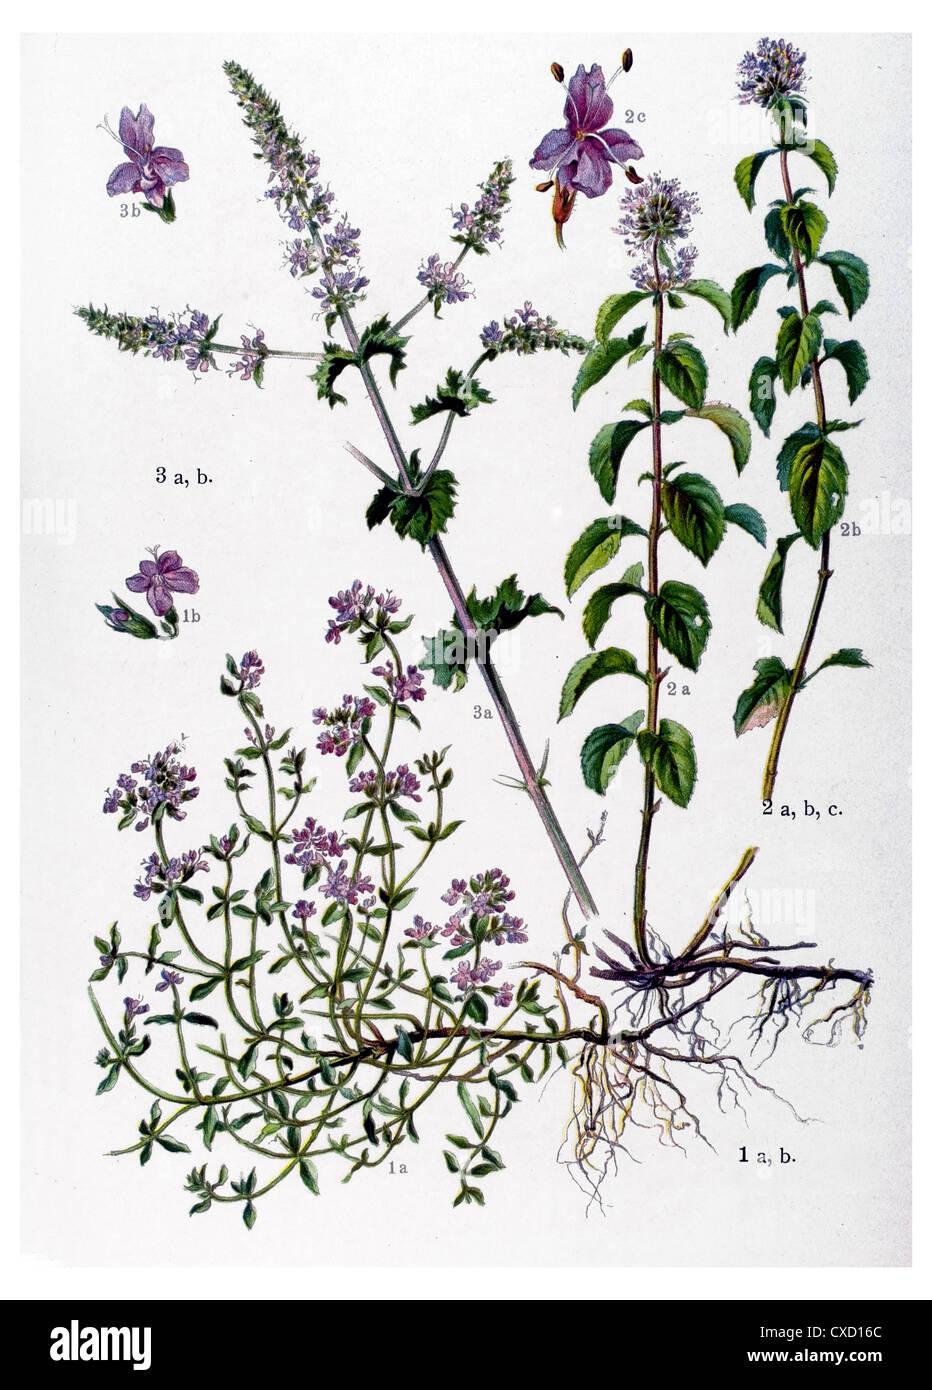 Thymus vulgaris - Stock Image